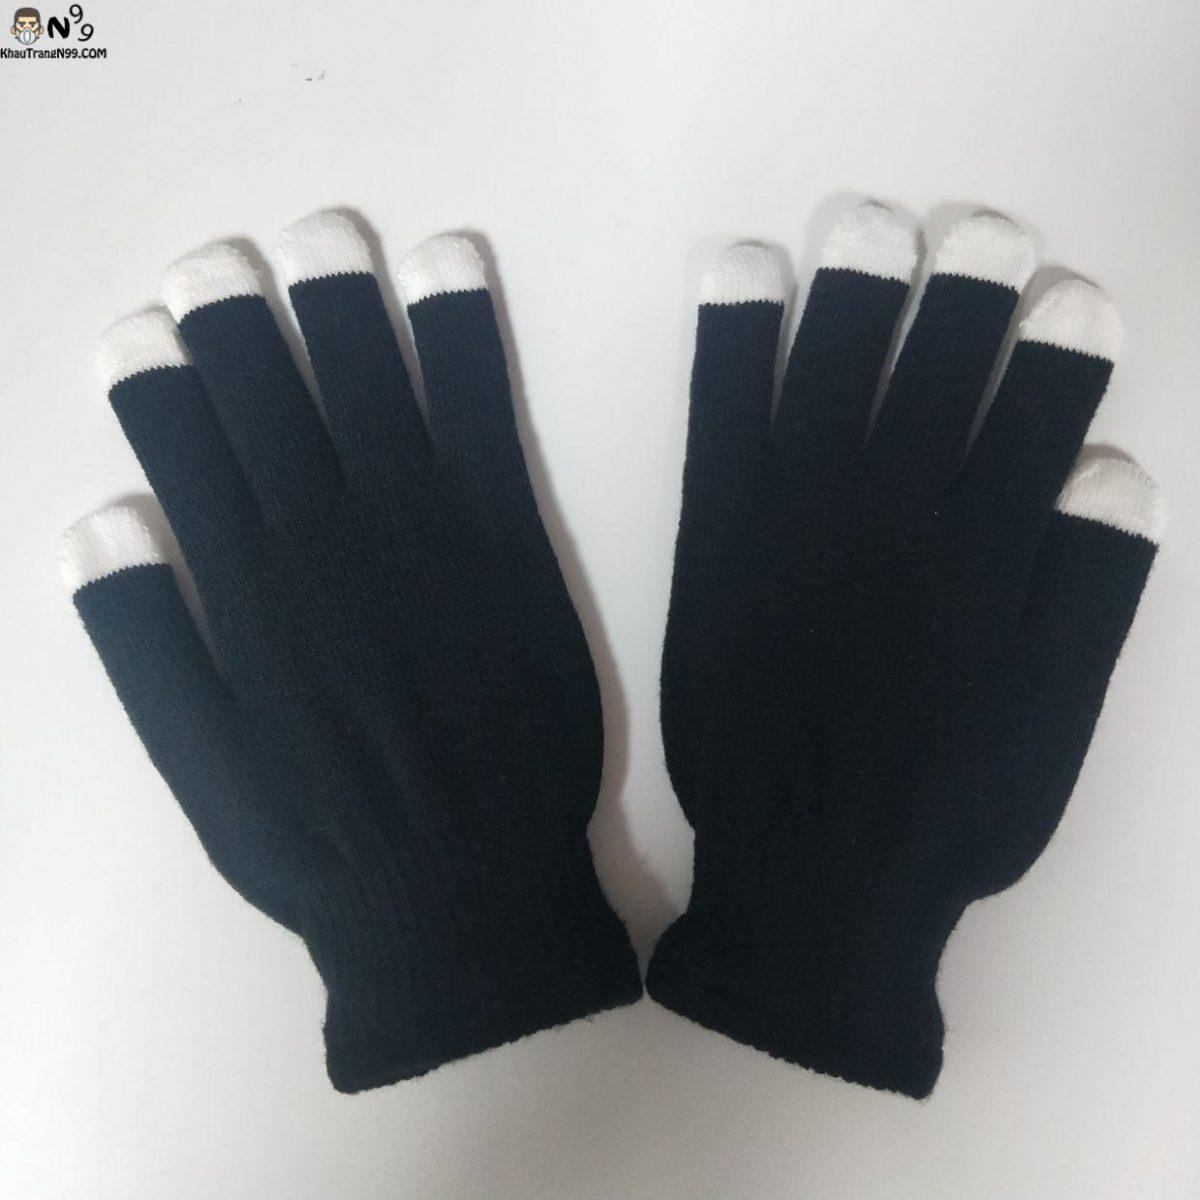 găng tay màu đen phát sáng ban đêm